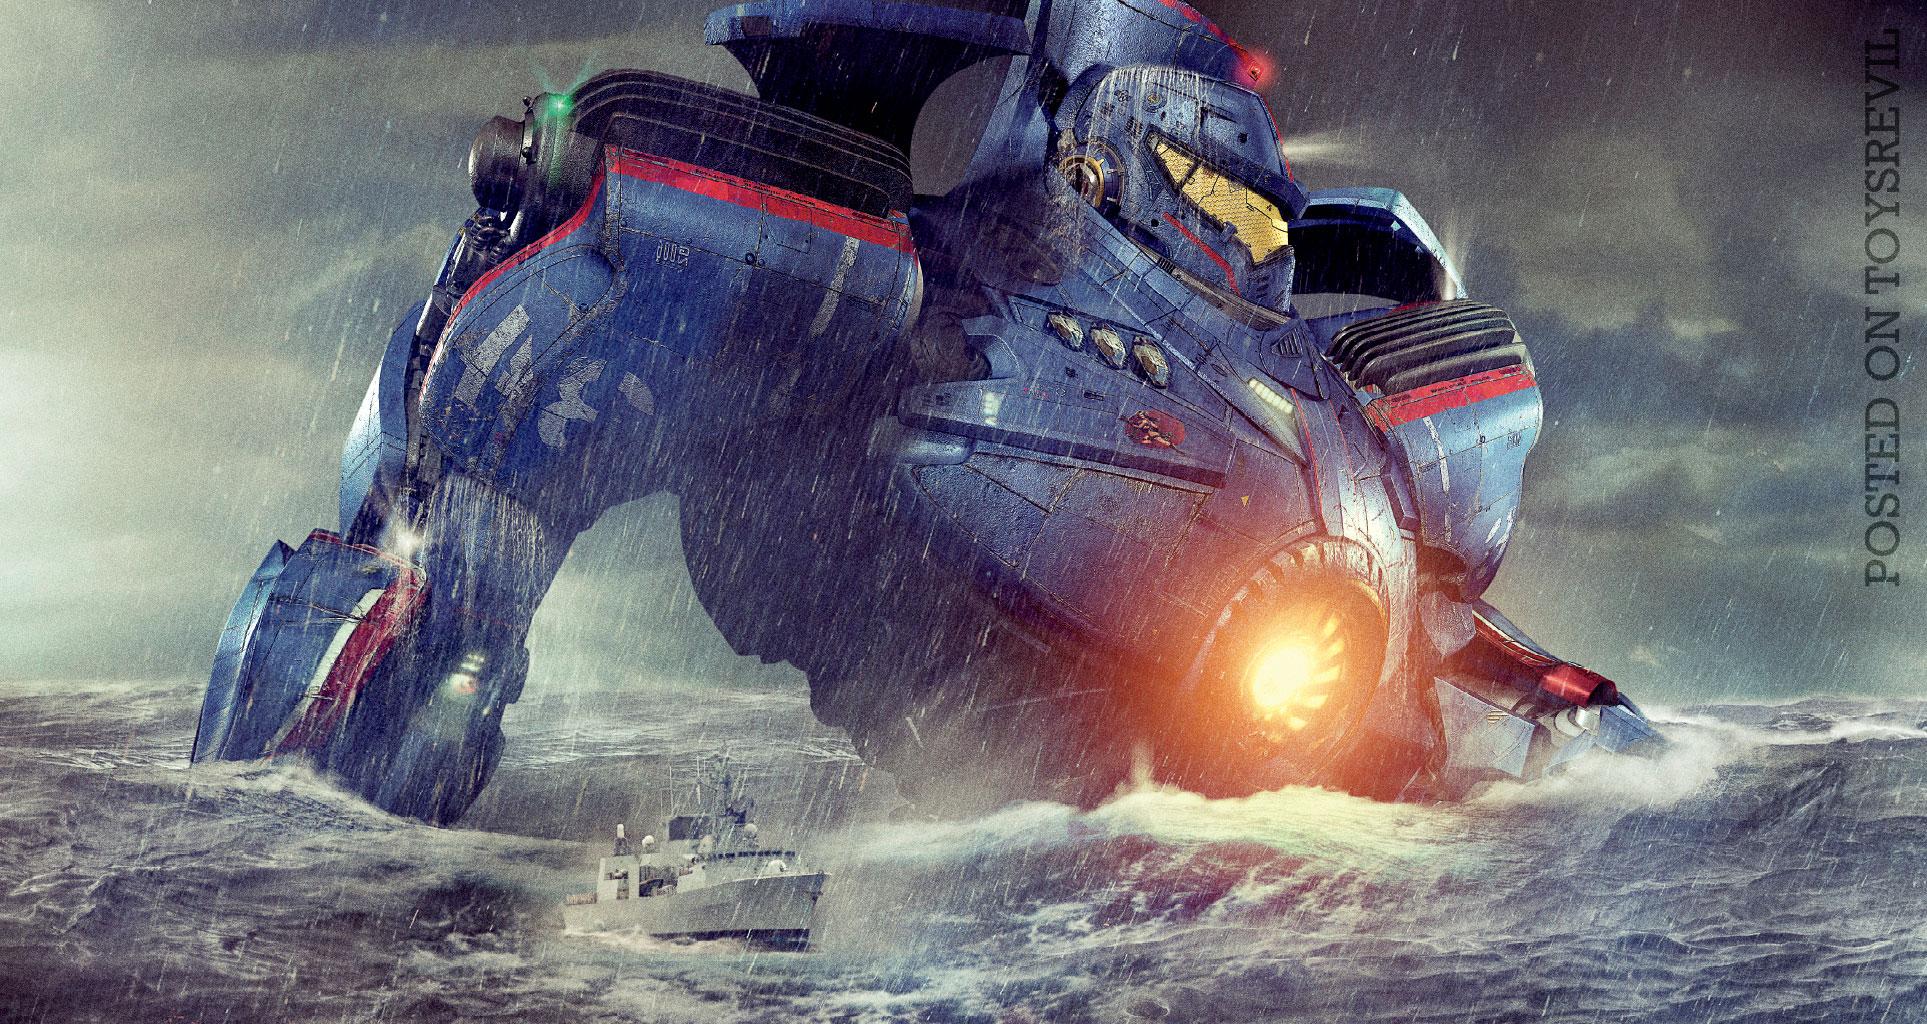 Pacific Rim Film: Jaeger Blueprint: Gipsy Danger Pacific Rim Jaeger Gypsy Danger Blueprint